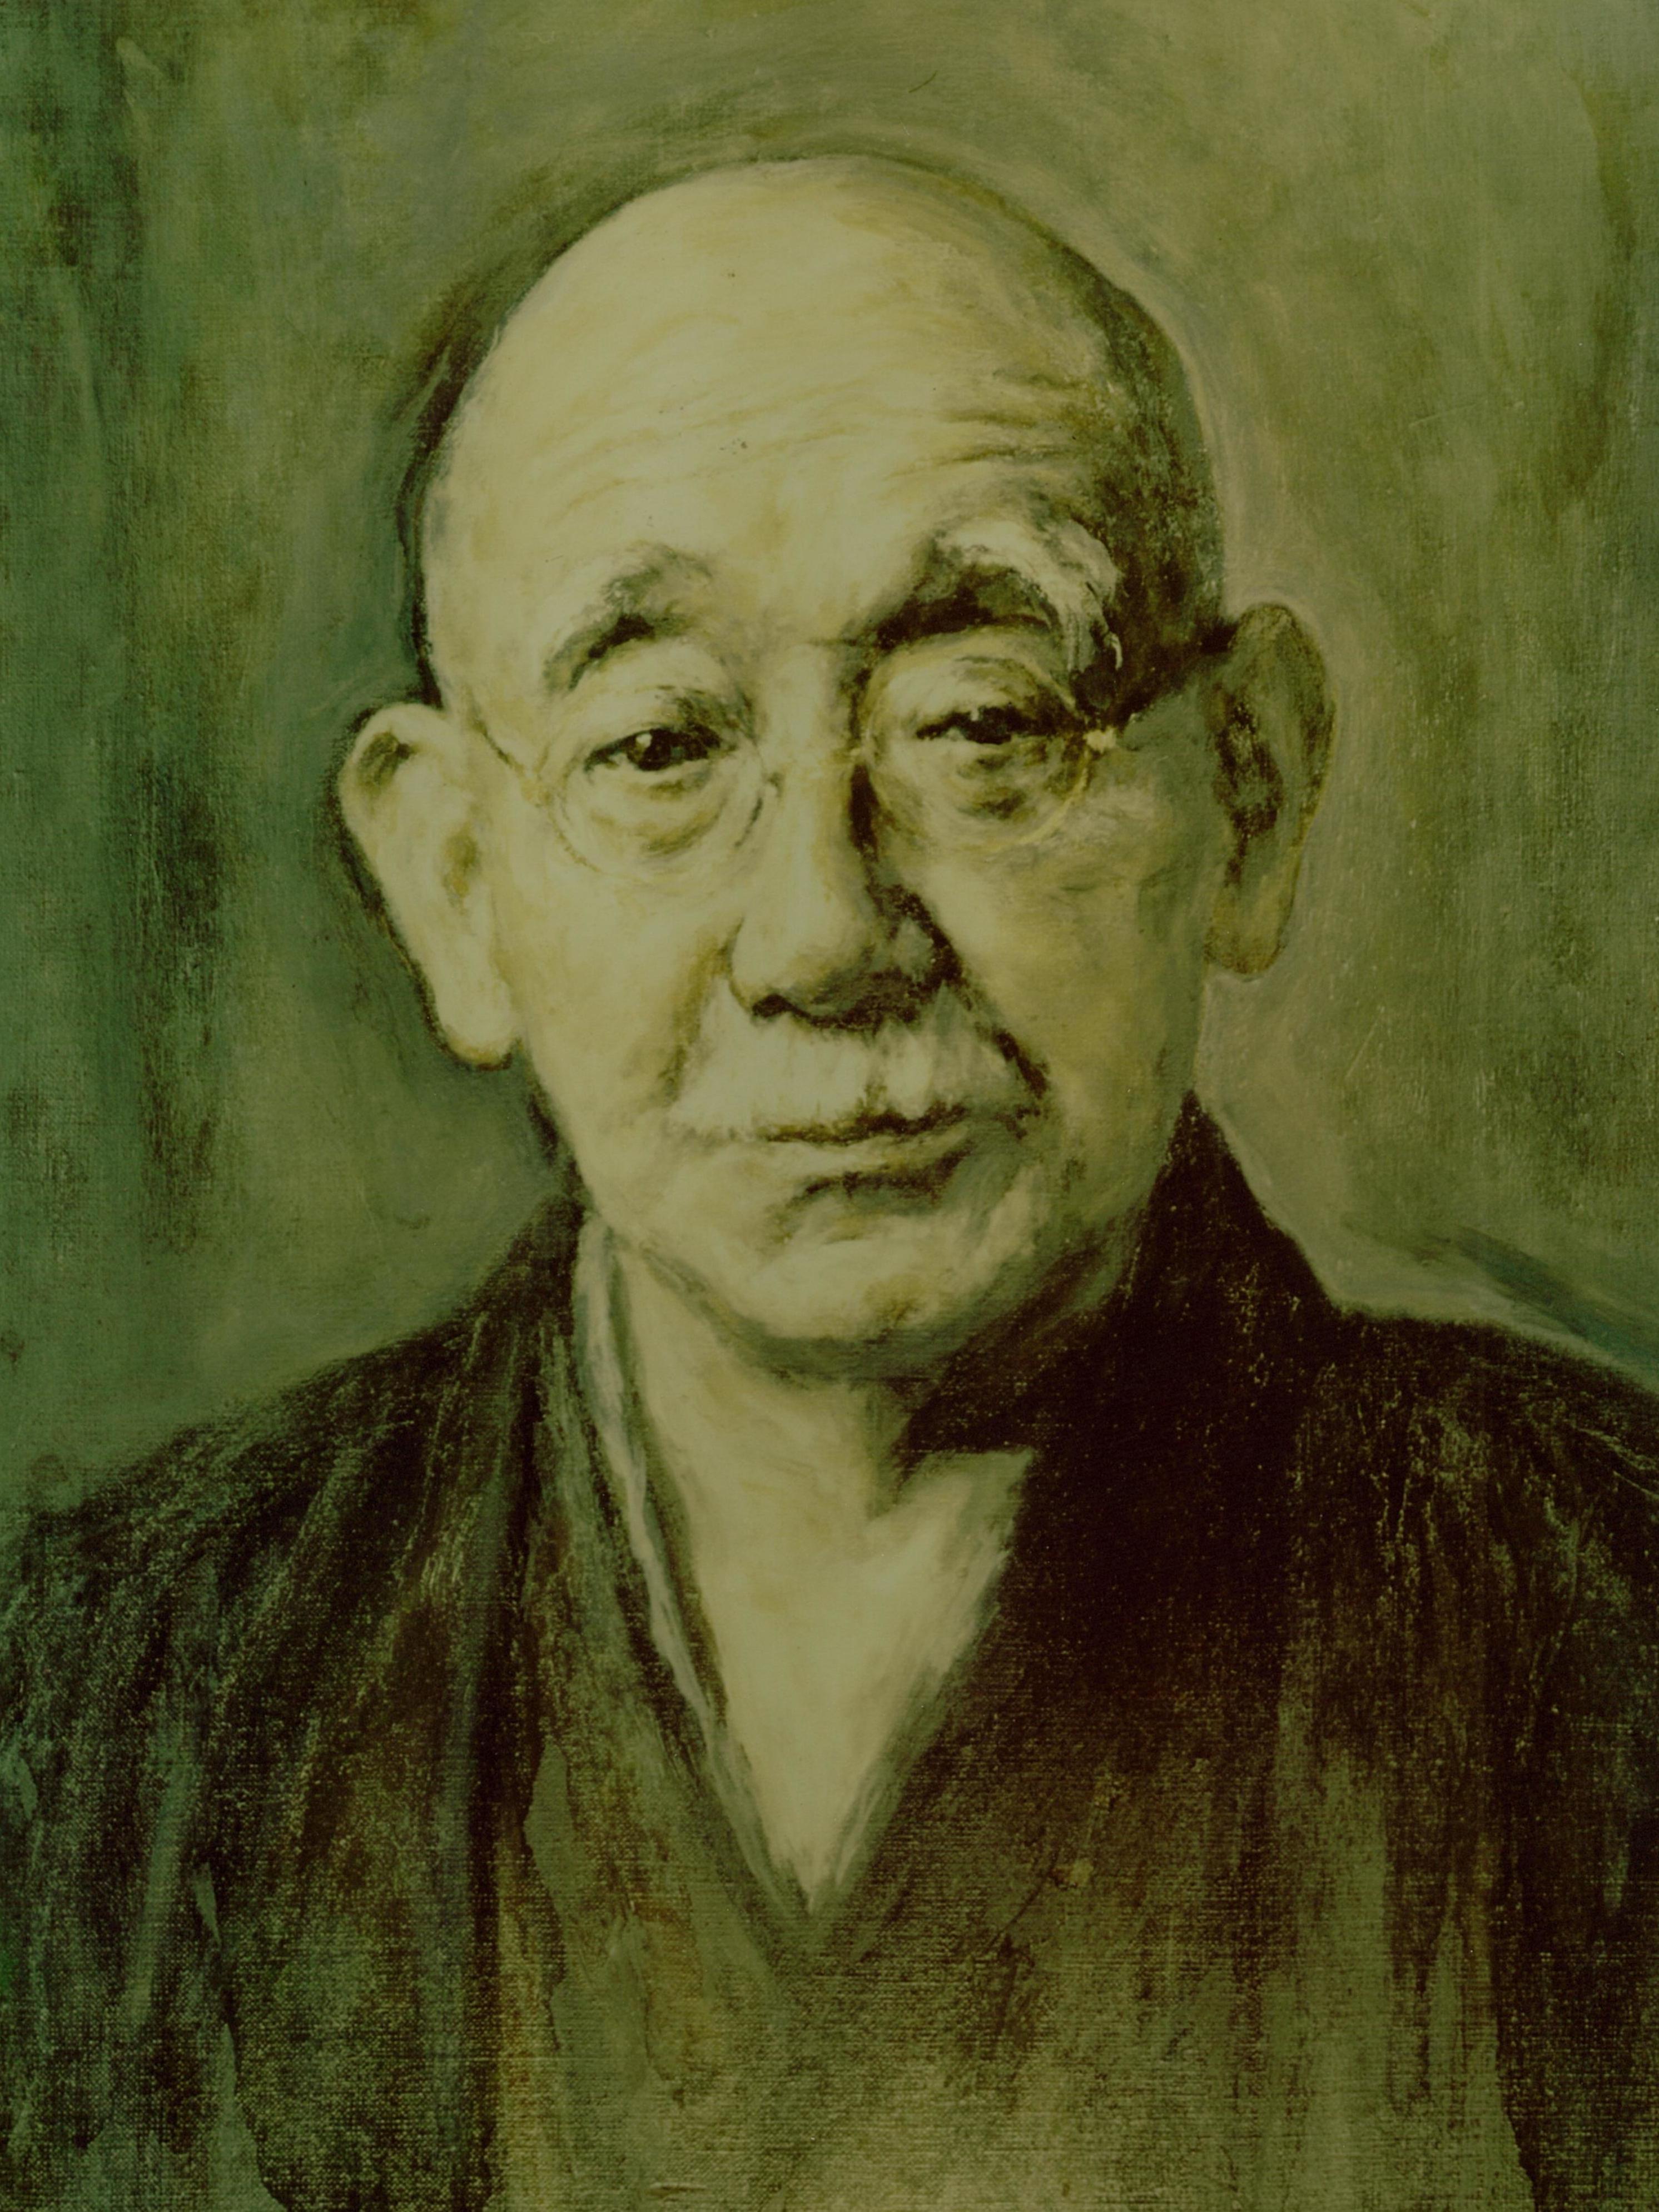 Rokuichiro Masujima